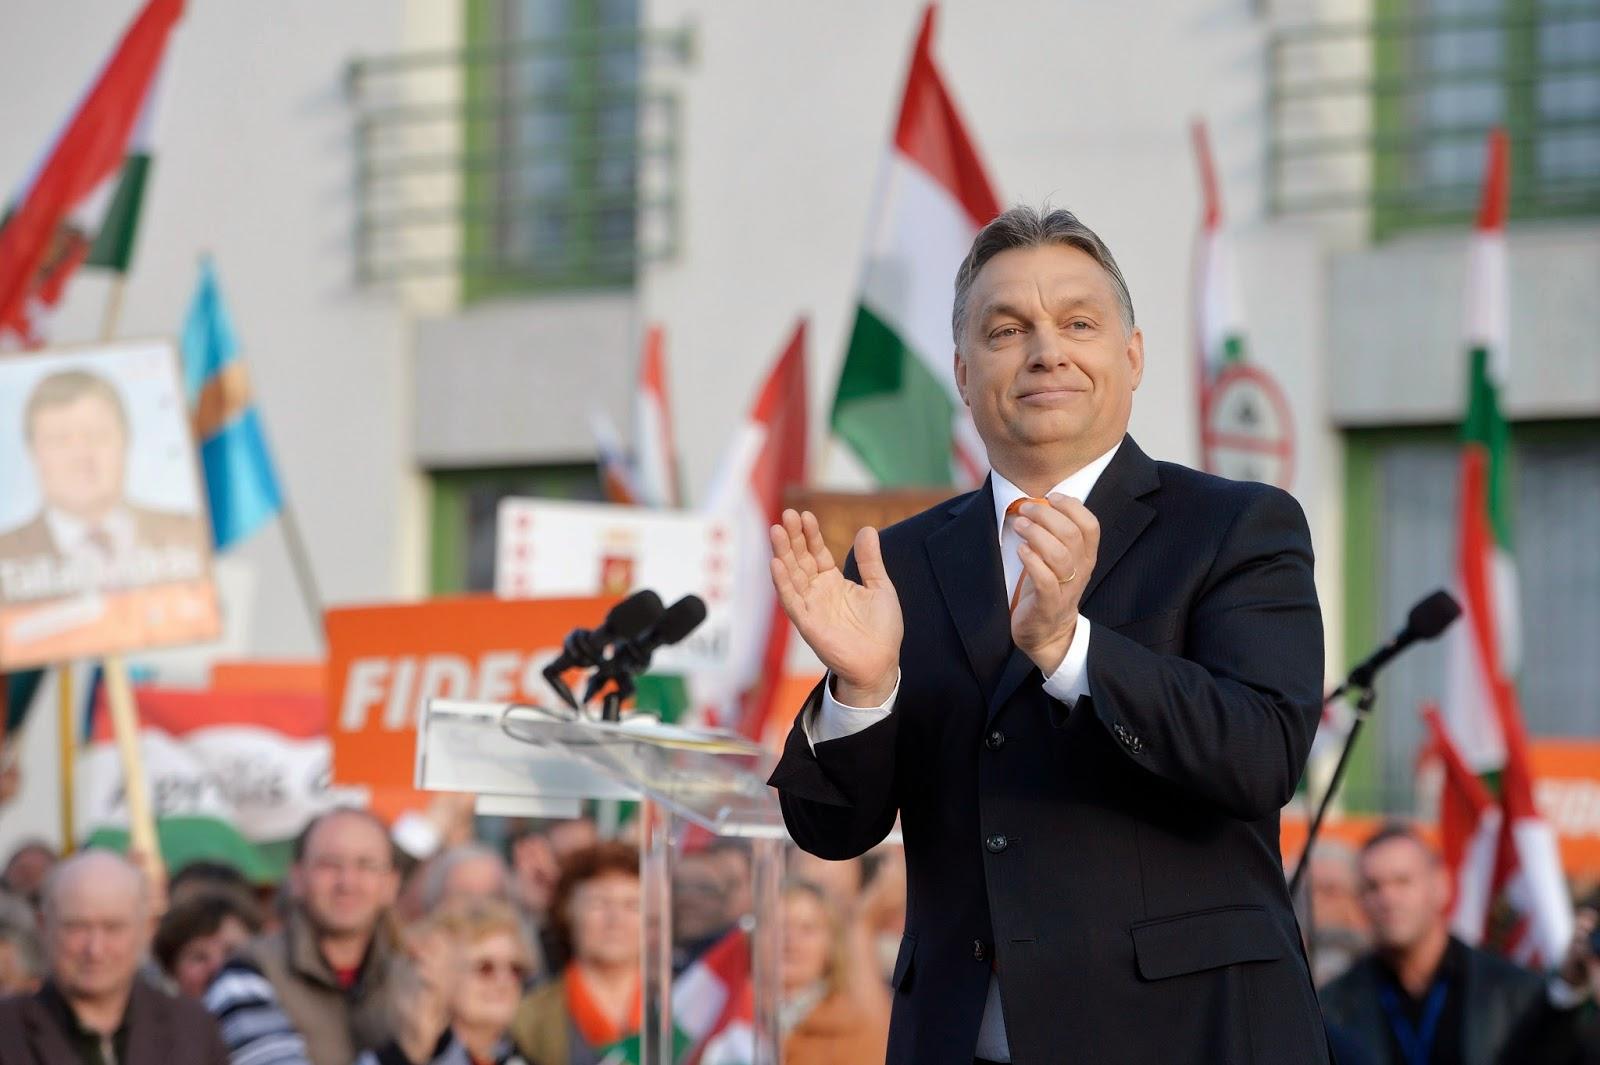 Magyarország, Orbán Viktor, választások, politika, Fidesz, Orbán-kormány